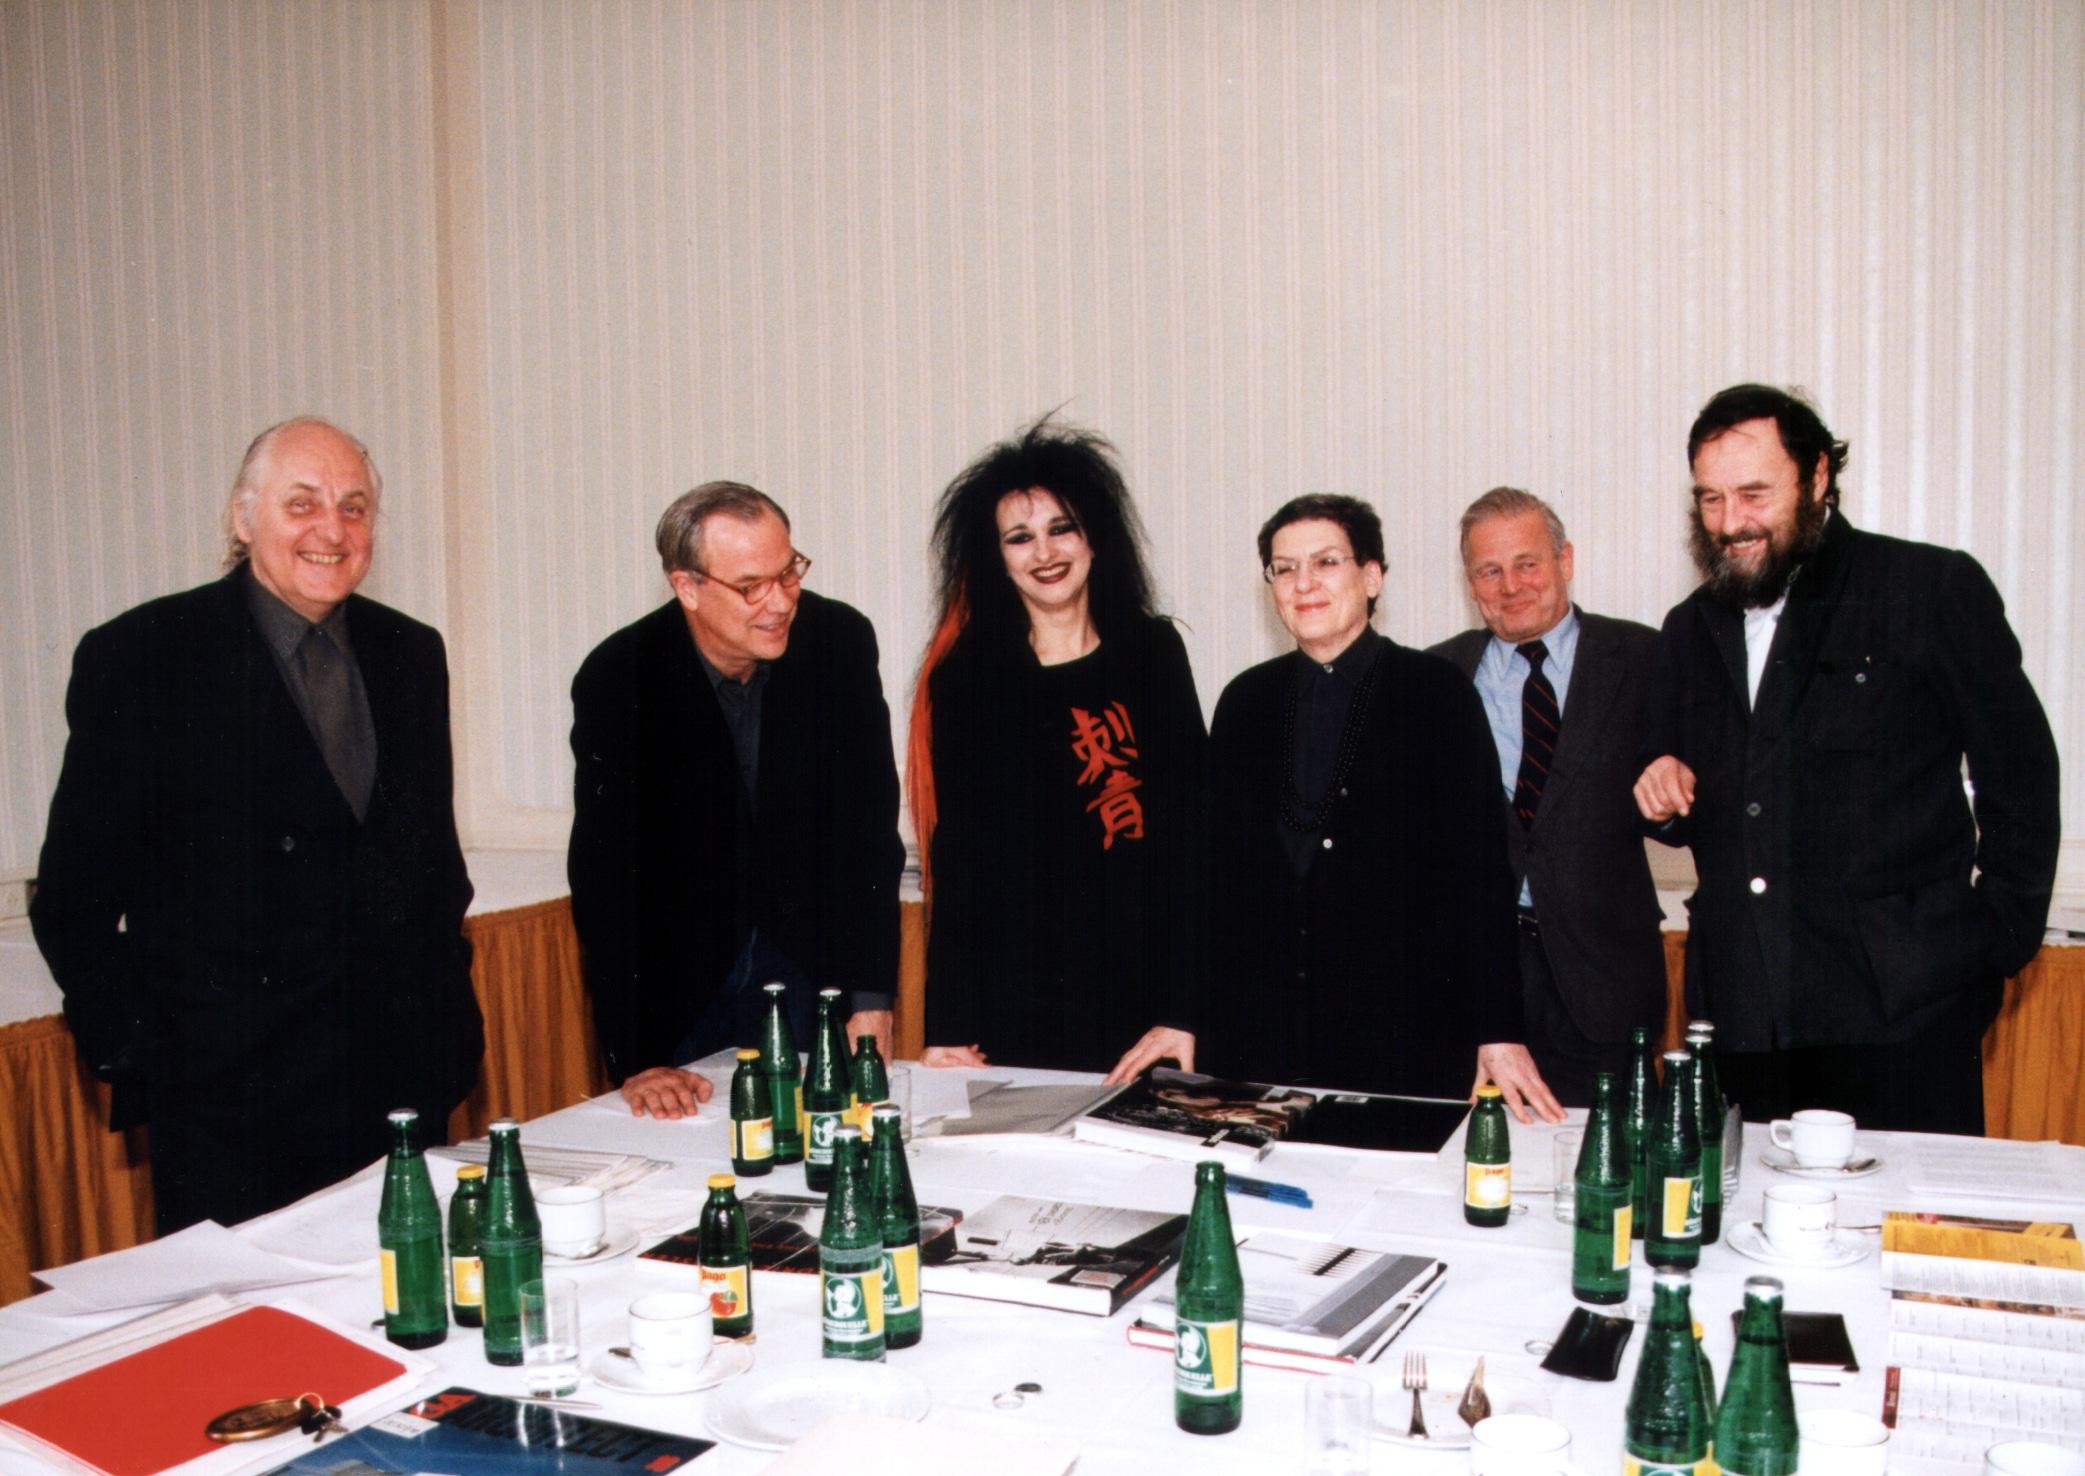 Kiesler-Preis-Jury 1998